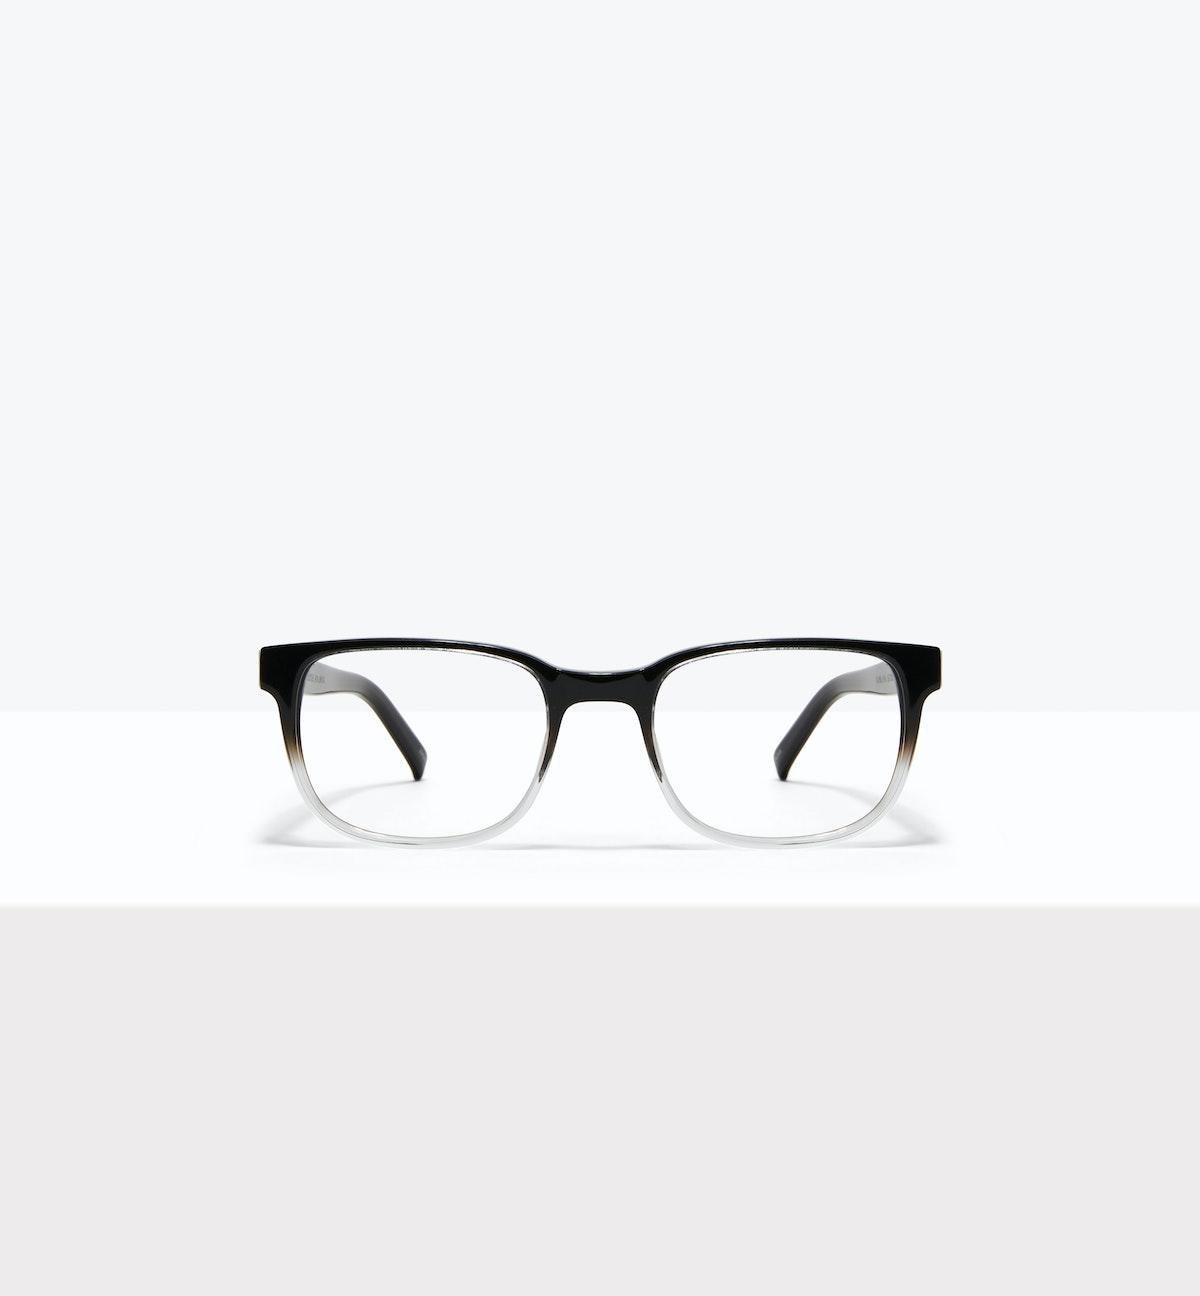 Men's Eyeglasses - Role in Onyx Clear | BonLook